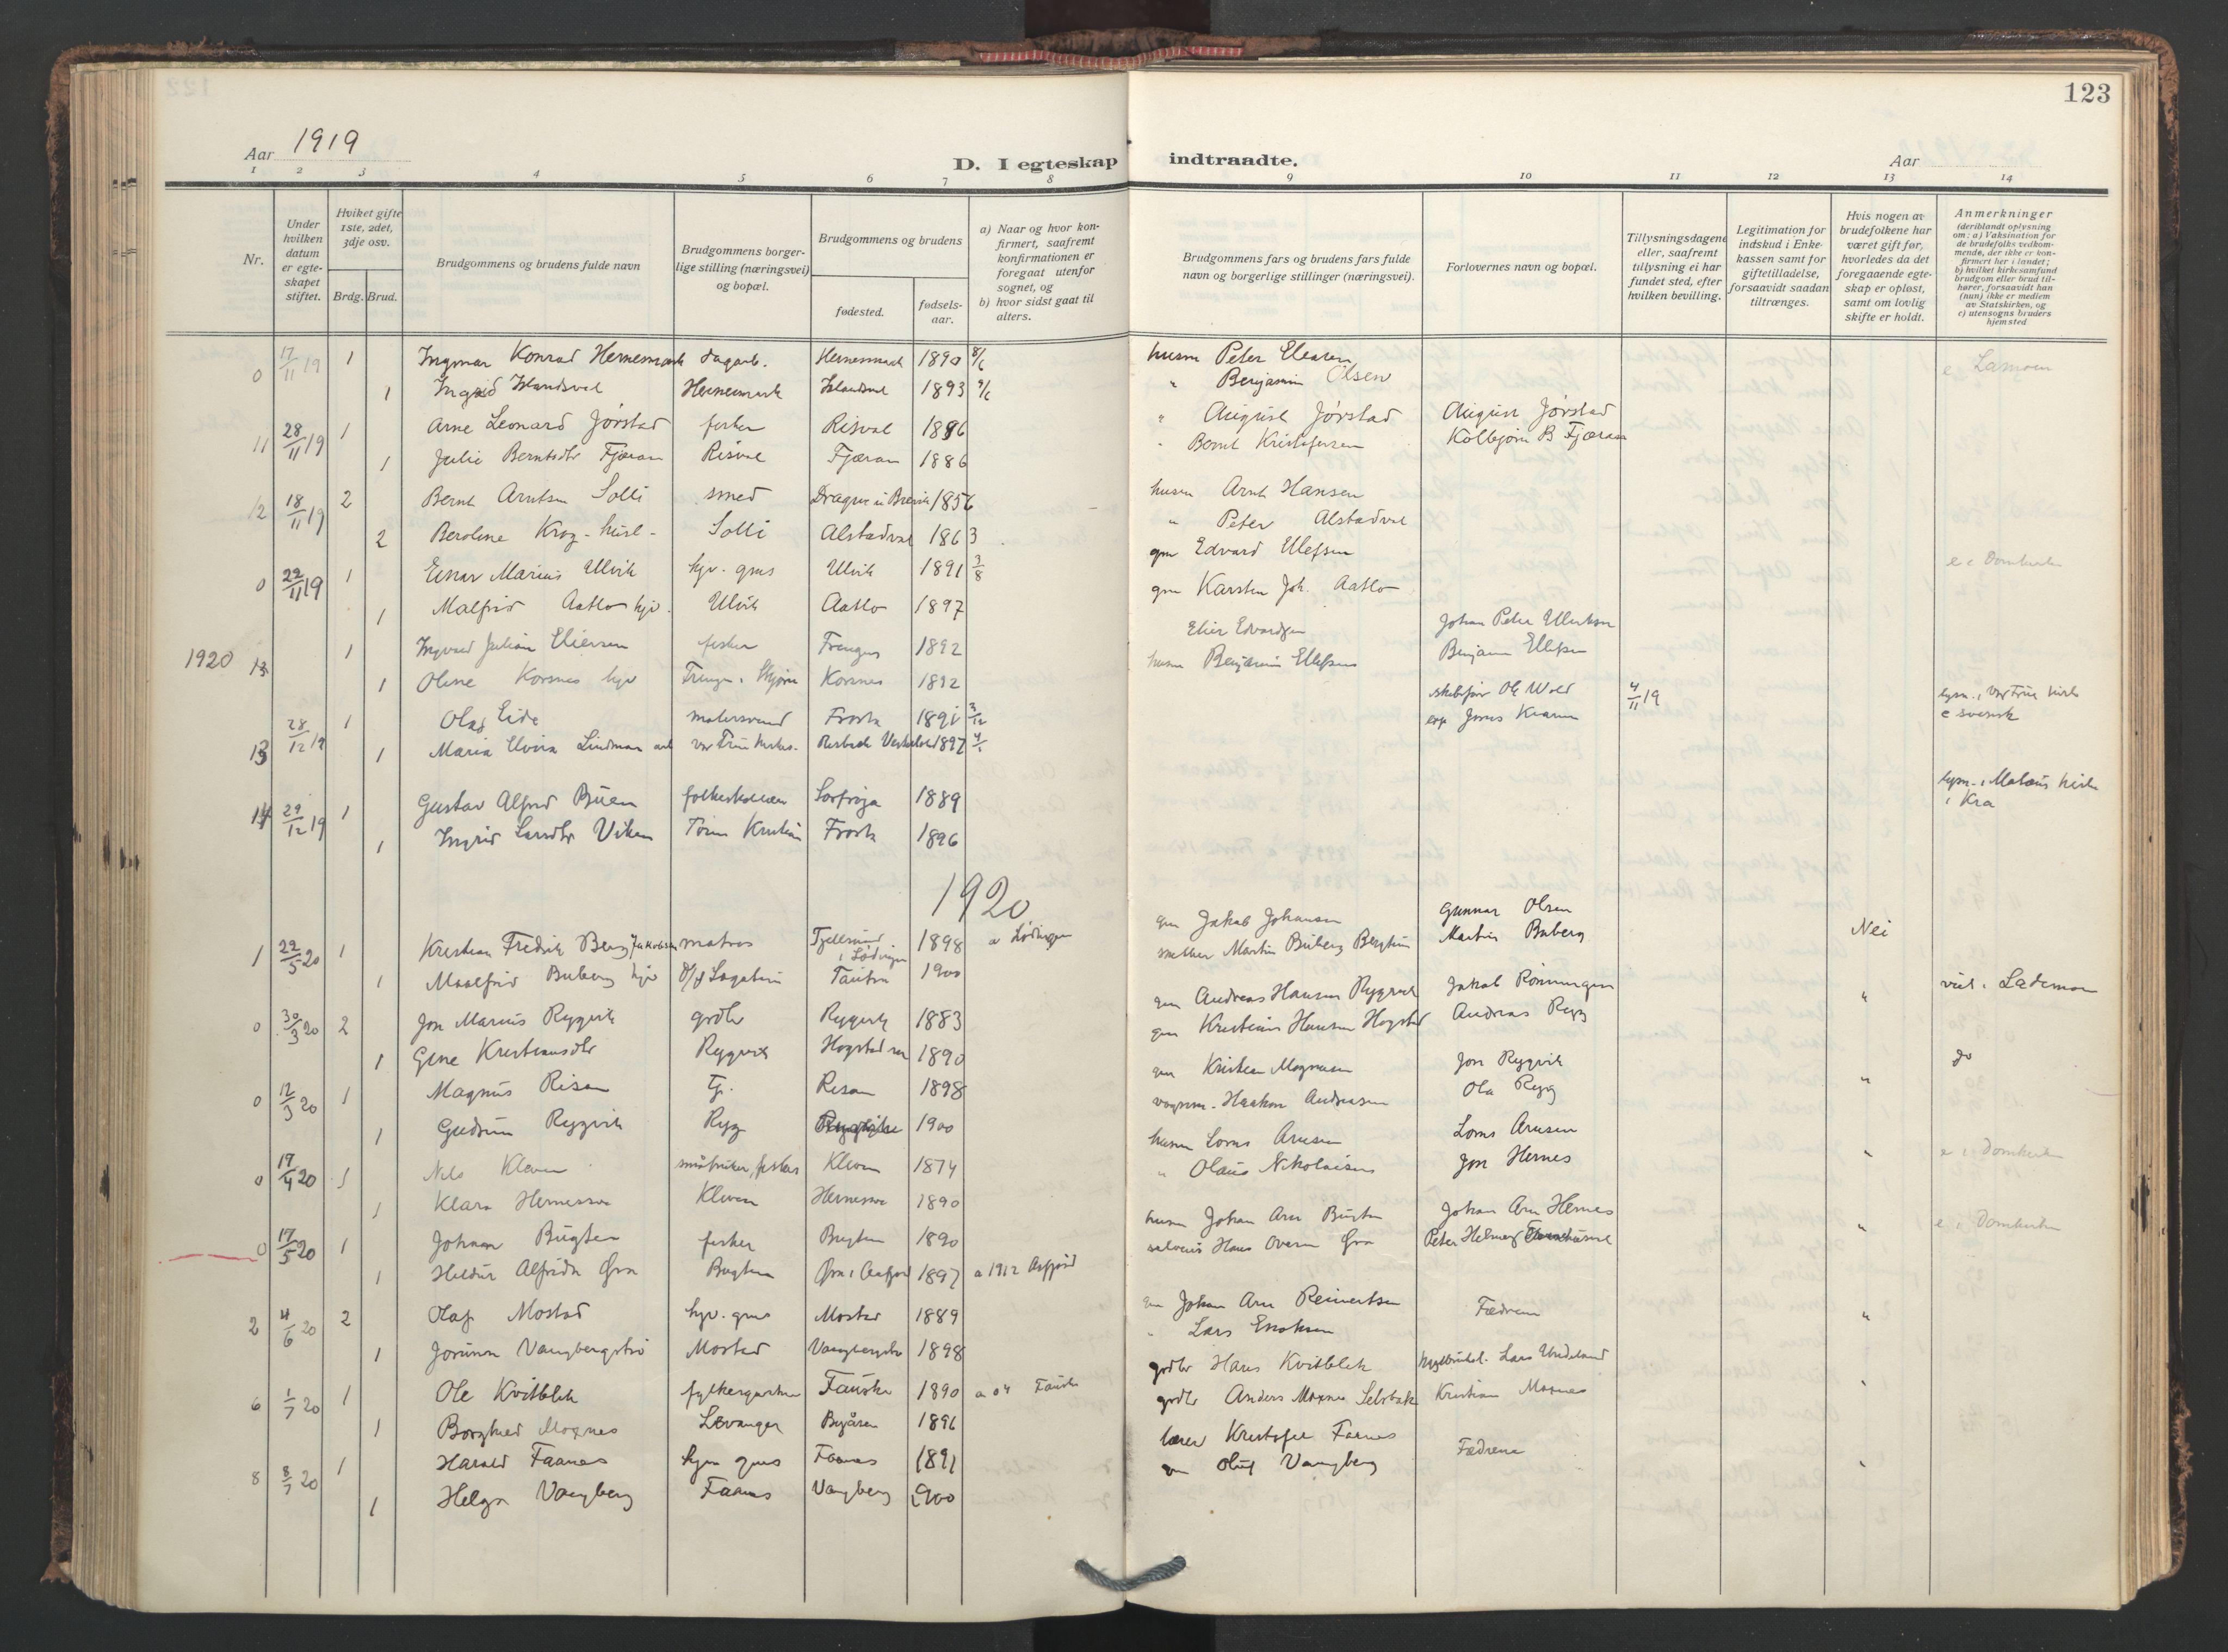 SAT, Ministerialprotokoller, klokkerbøker og fødselsregistre - Nord-Trøndelag, 713/L0123: Ministerialbok nr. 713A12, 1911-1925, s. 123